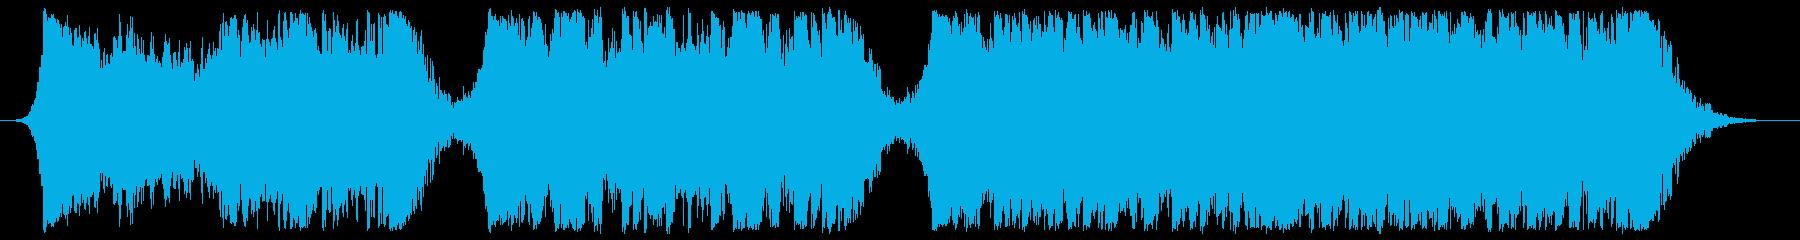 現代の交響曲 ダブステップ 積極的...の再生済みの波形